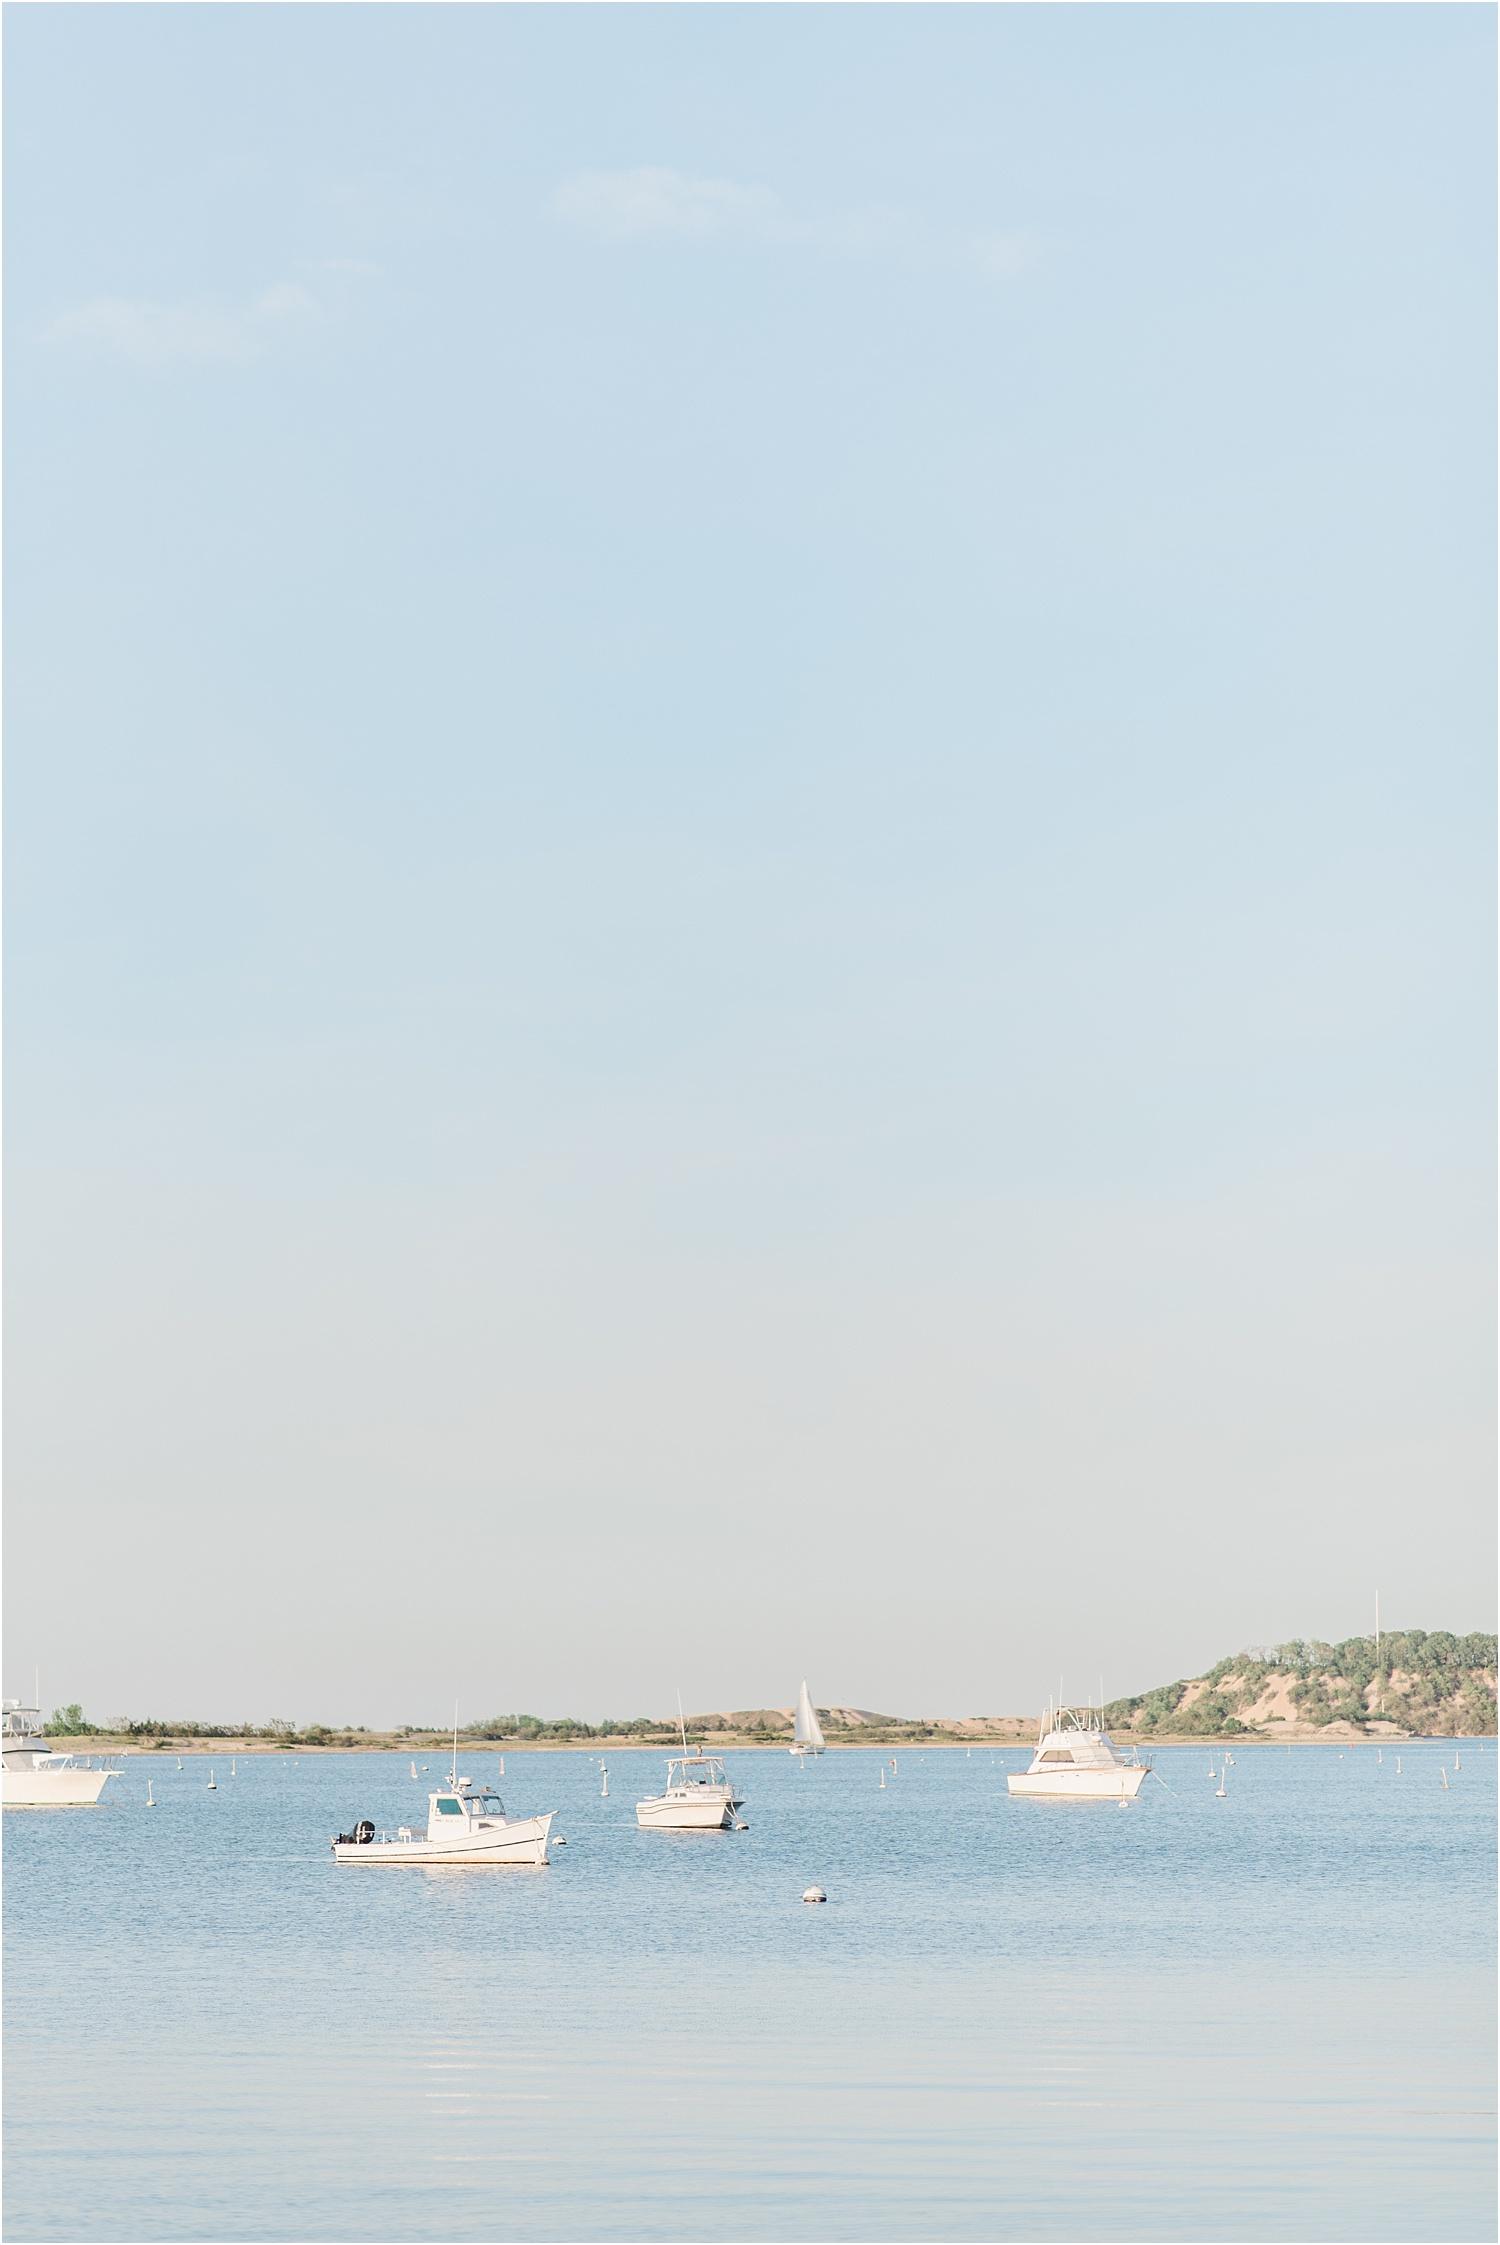 2017-09-08_0035.jpg